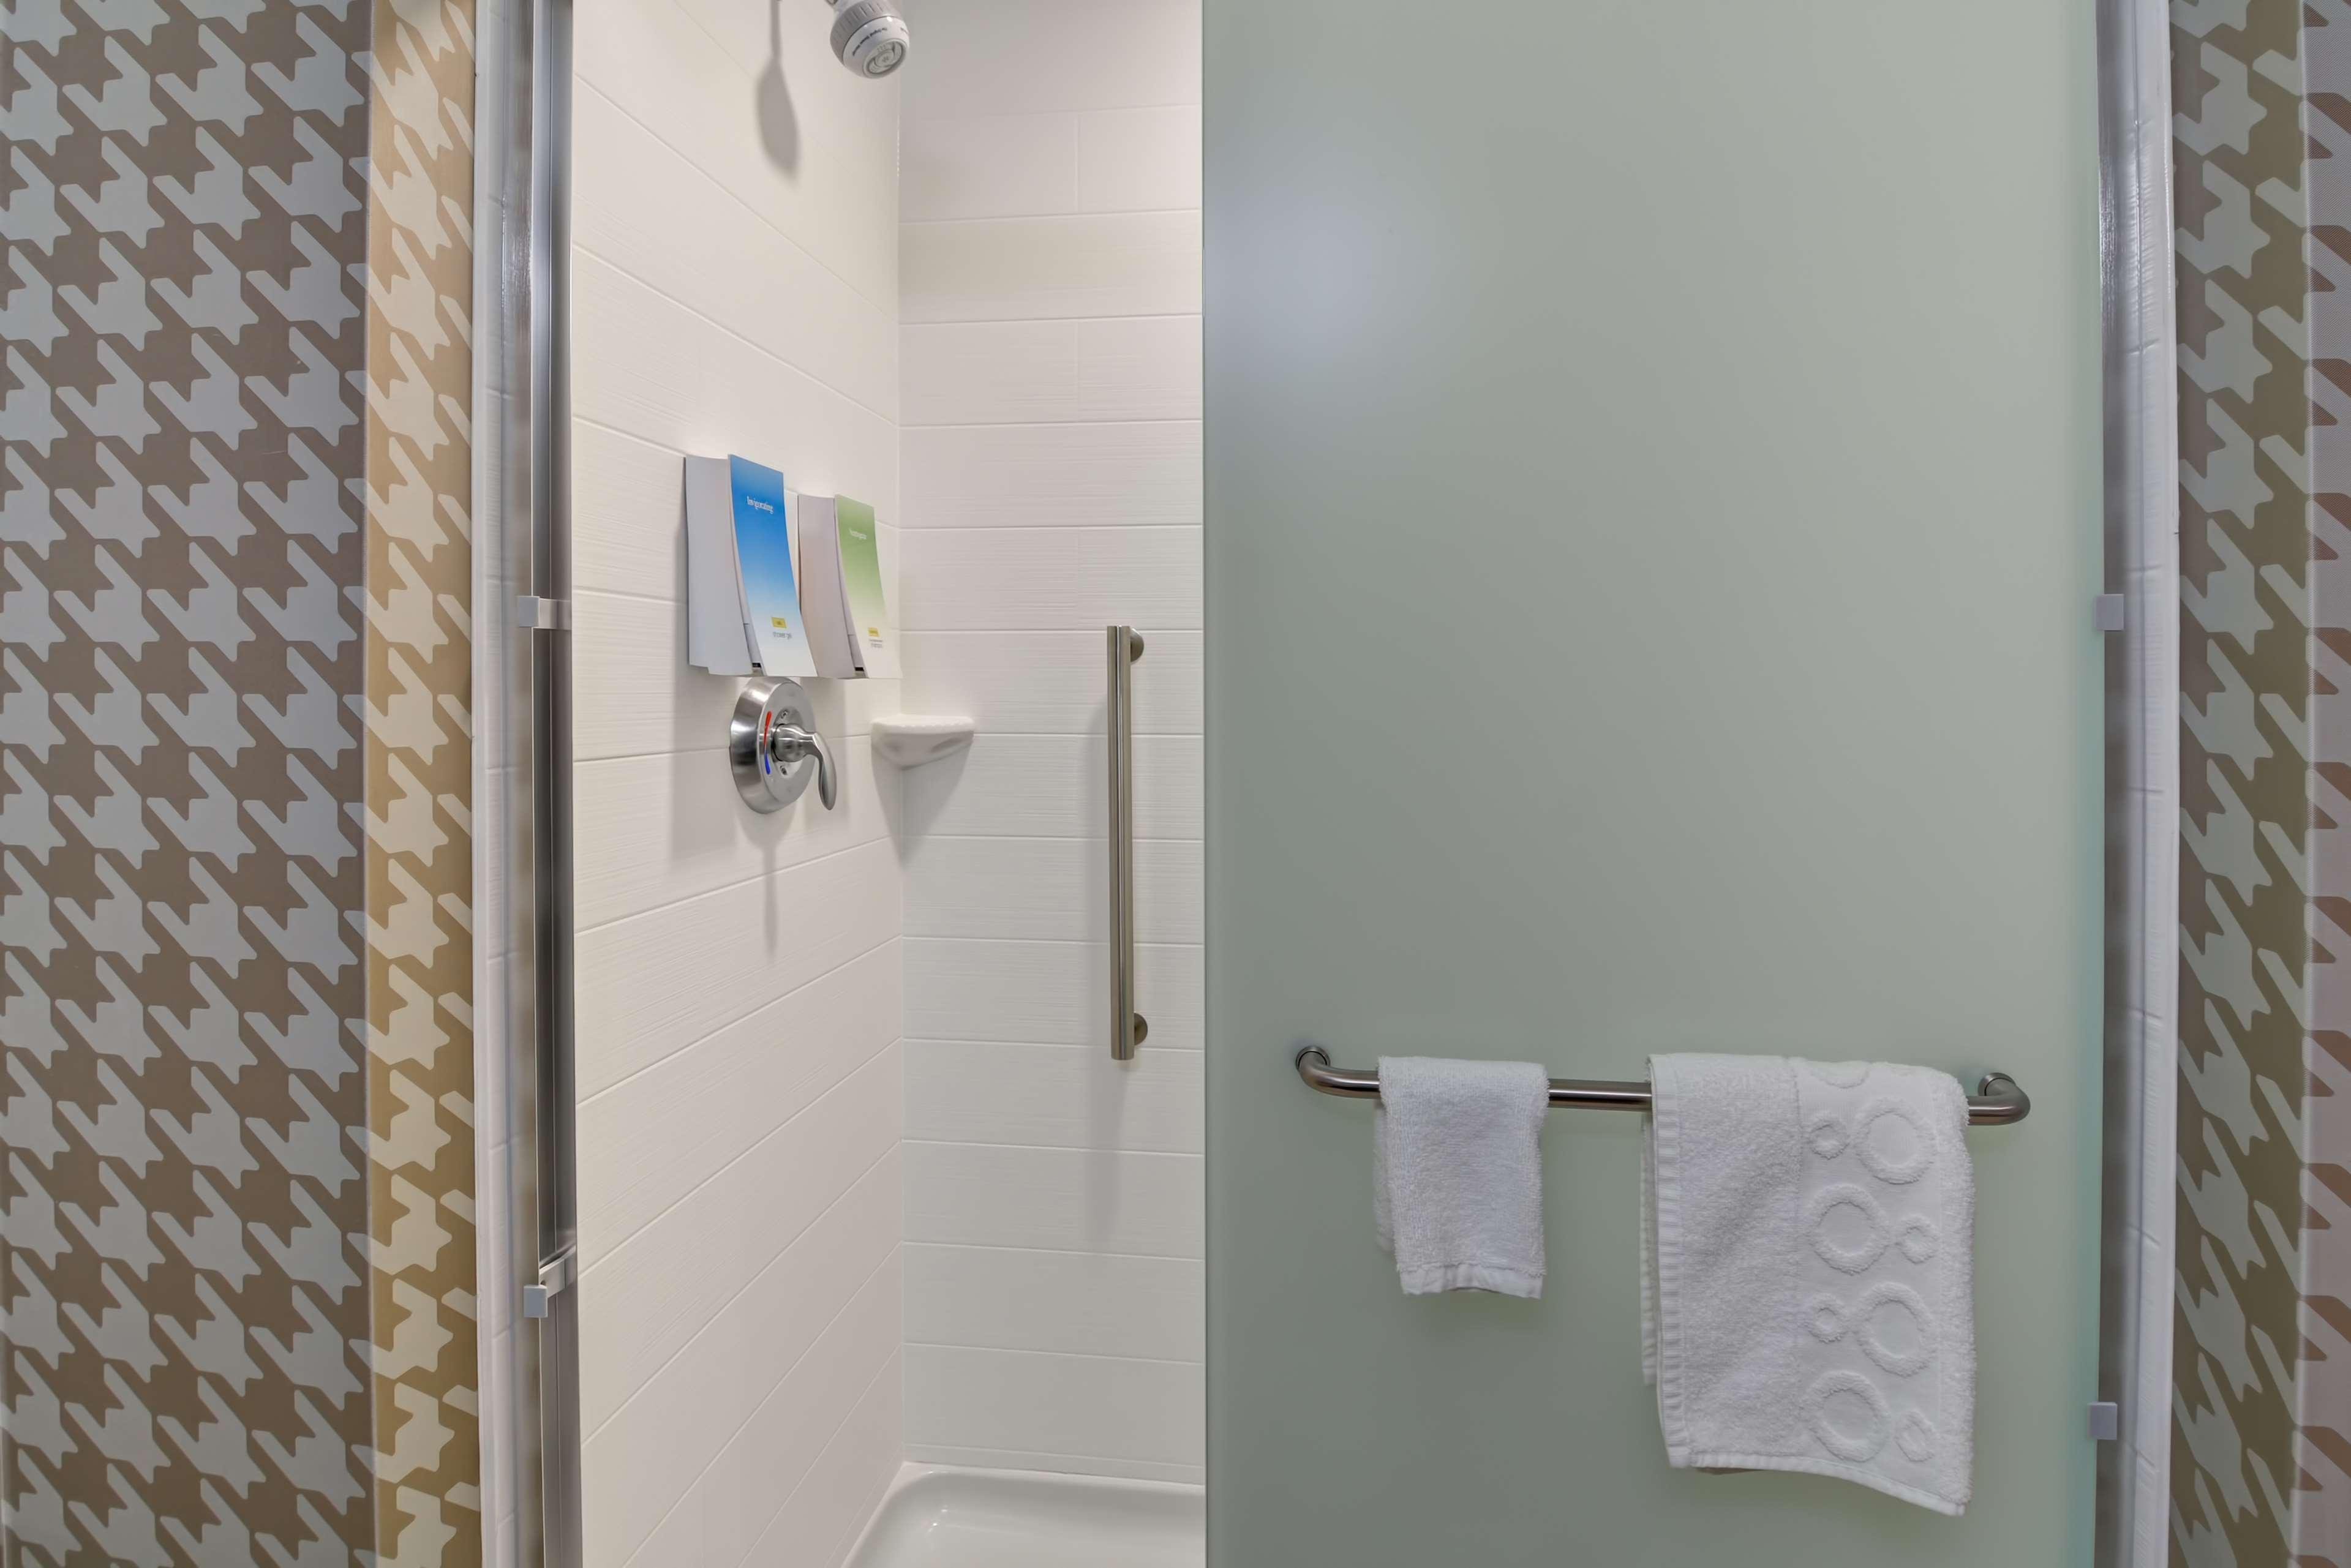 Home2 Suites by Hilton Lafayette image 25